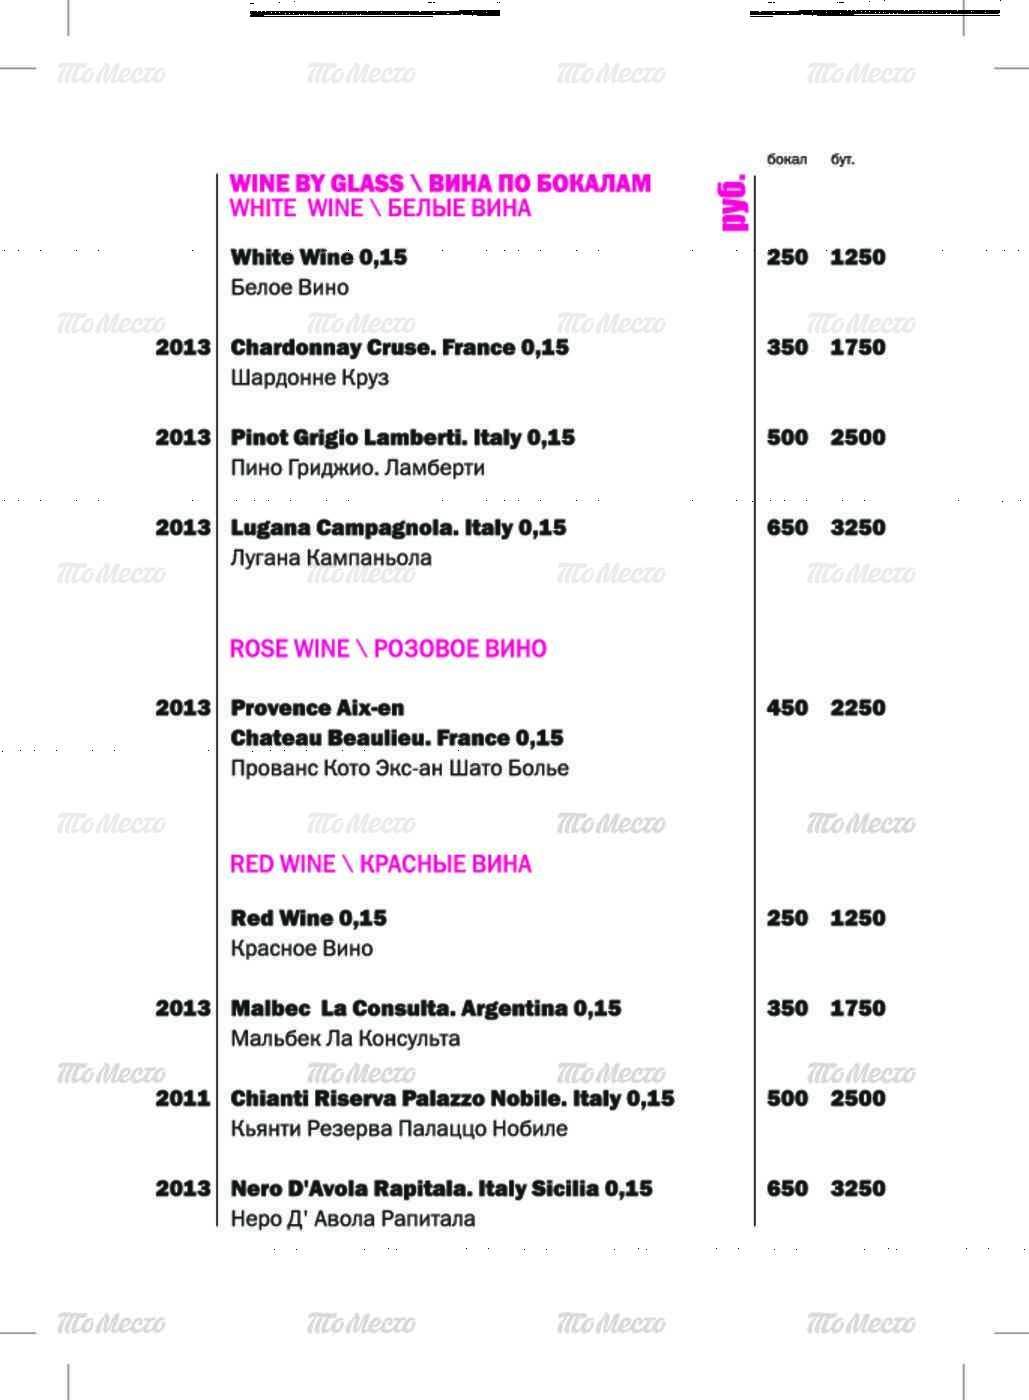 Меню бара, караоке клуб Мьюзик бар 11 (Music bar 11) на Малой Морской улице фото 10